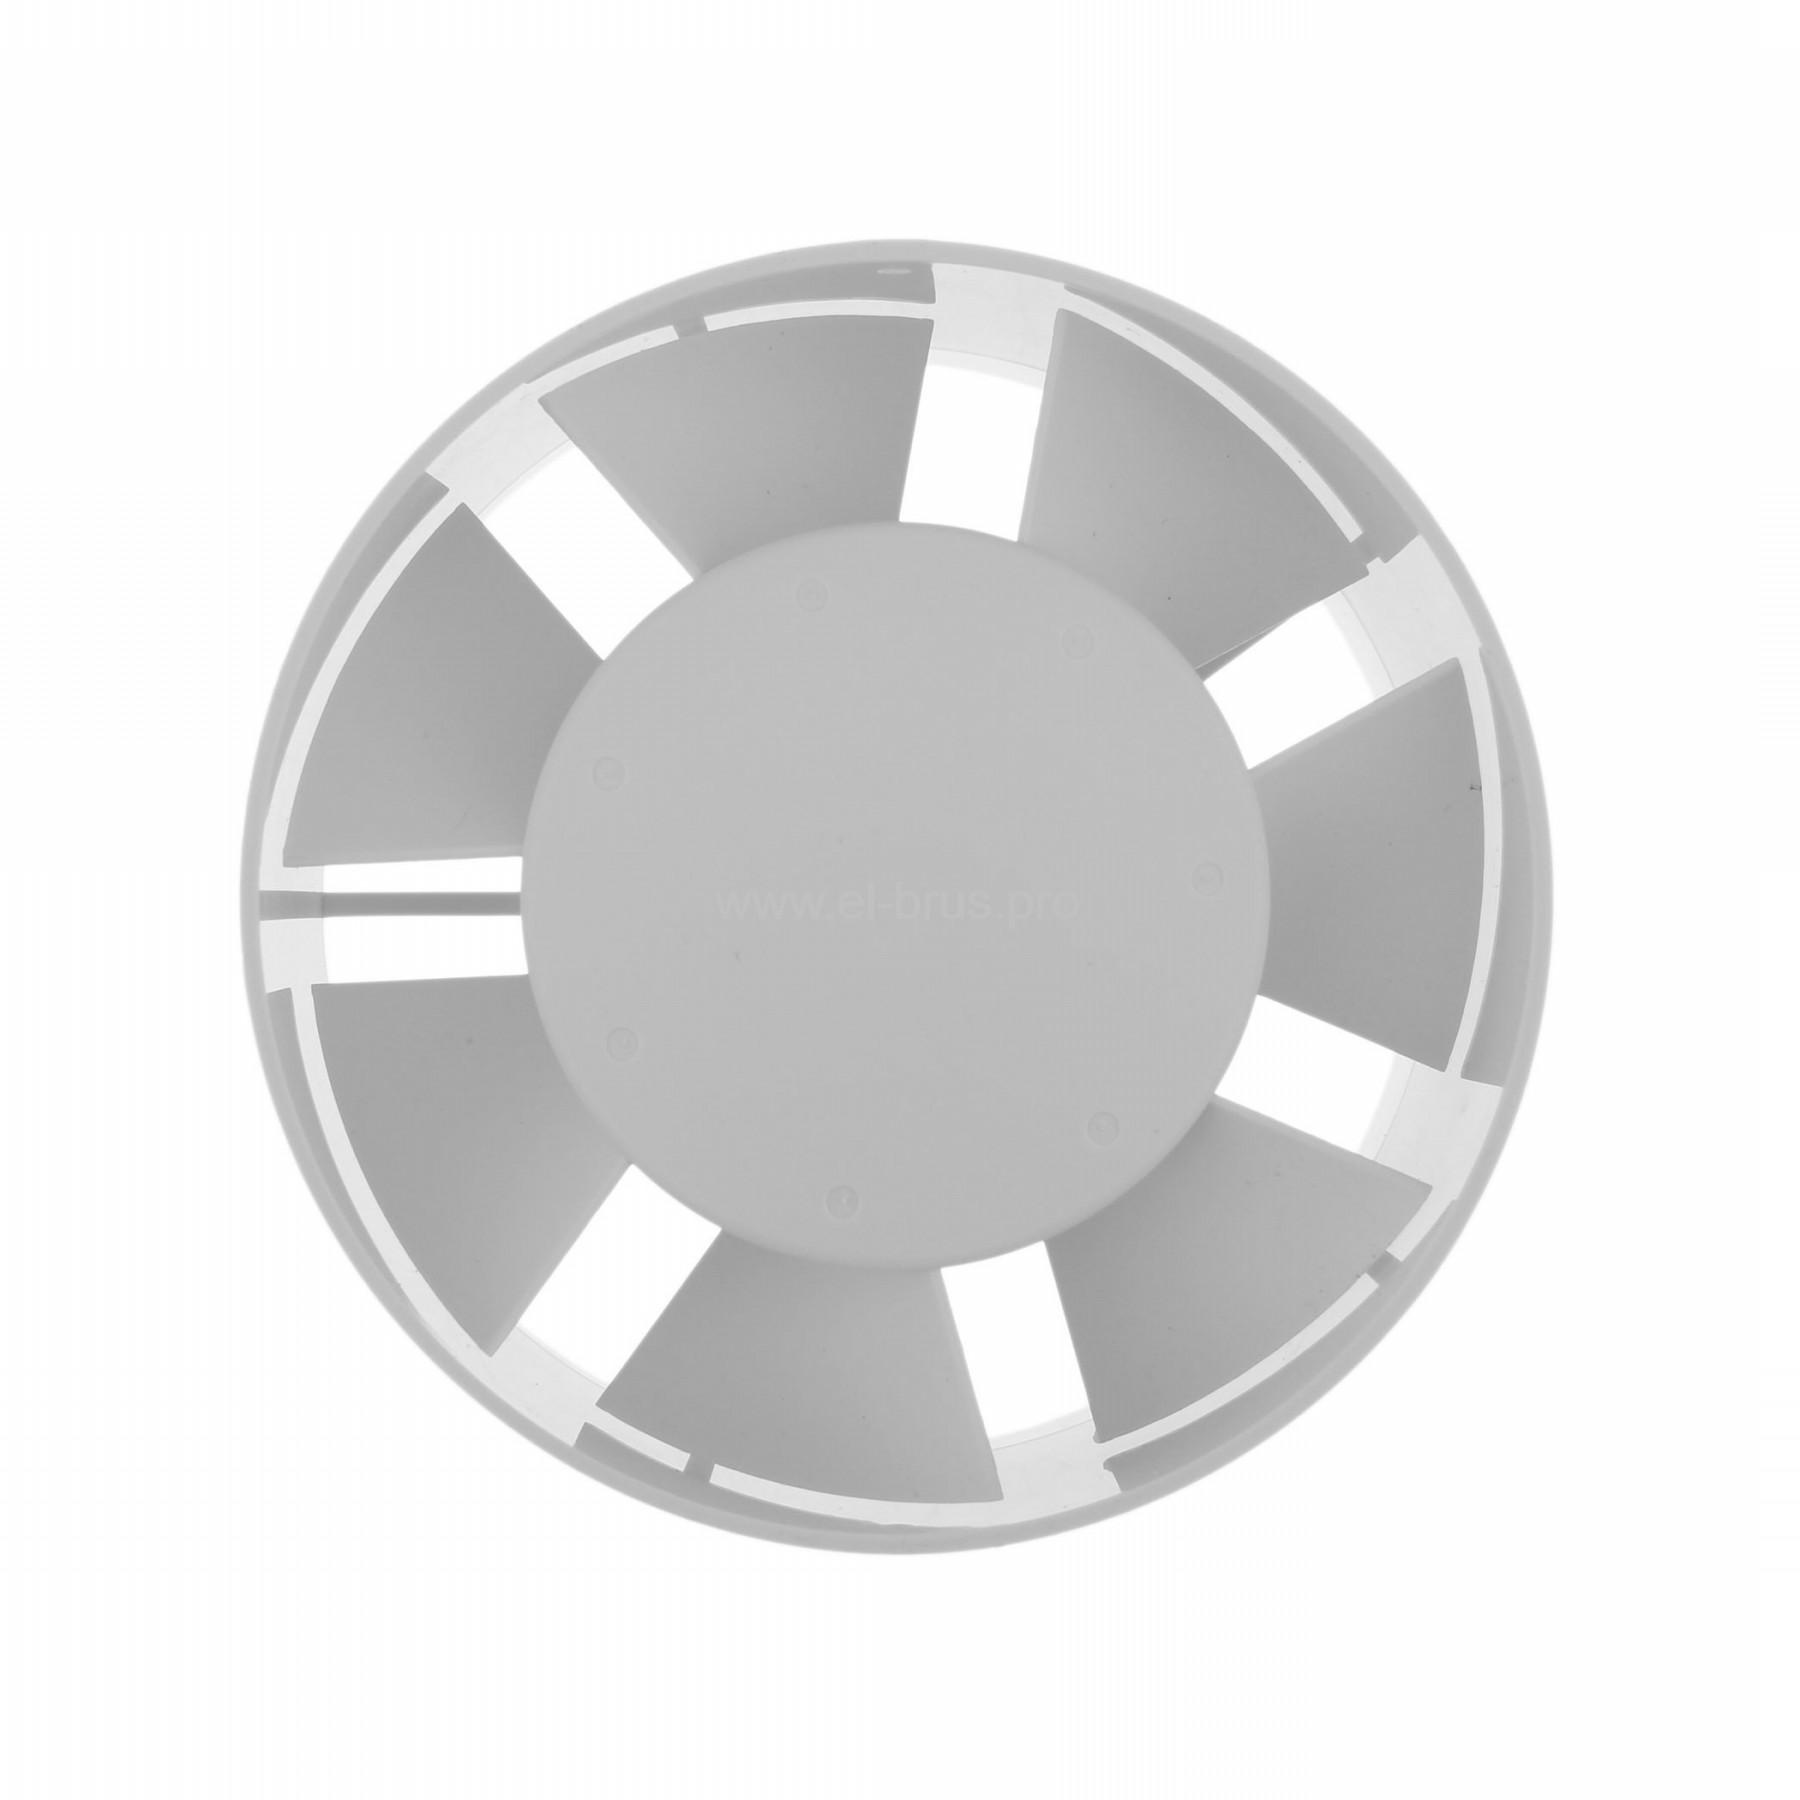 Вентилятор осевой канальный приточно-вытяжной ERA Profit 4 Ø100мм